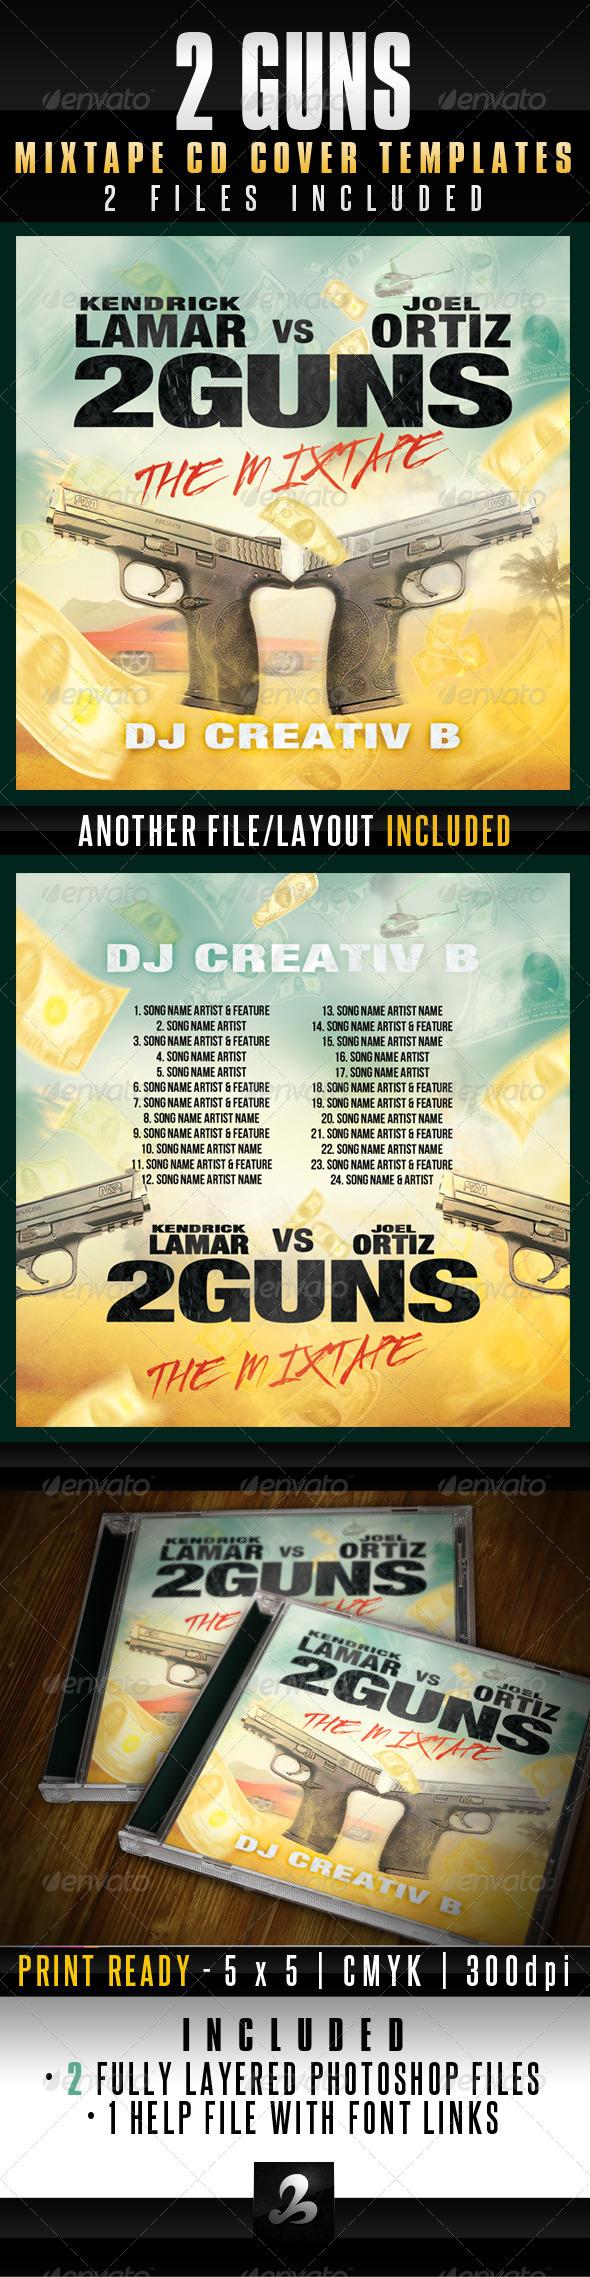 GraphicRiver 2 Guns Mixtape CD Cover Templates 6014249